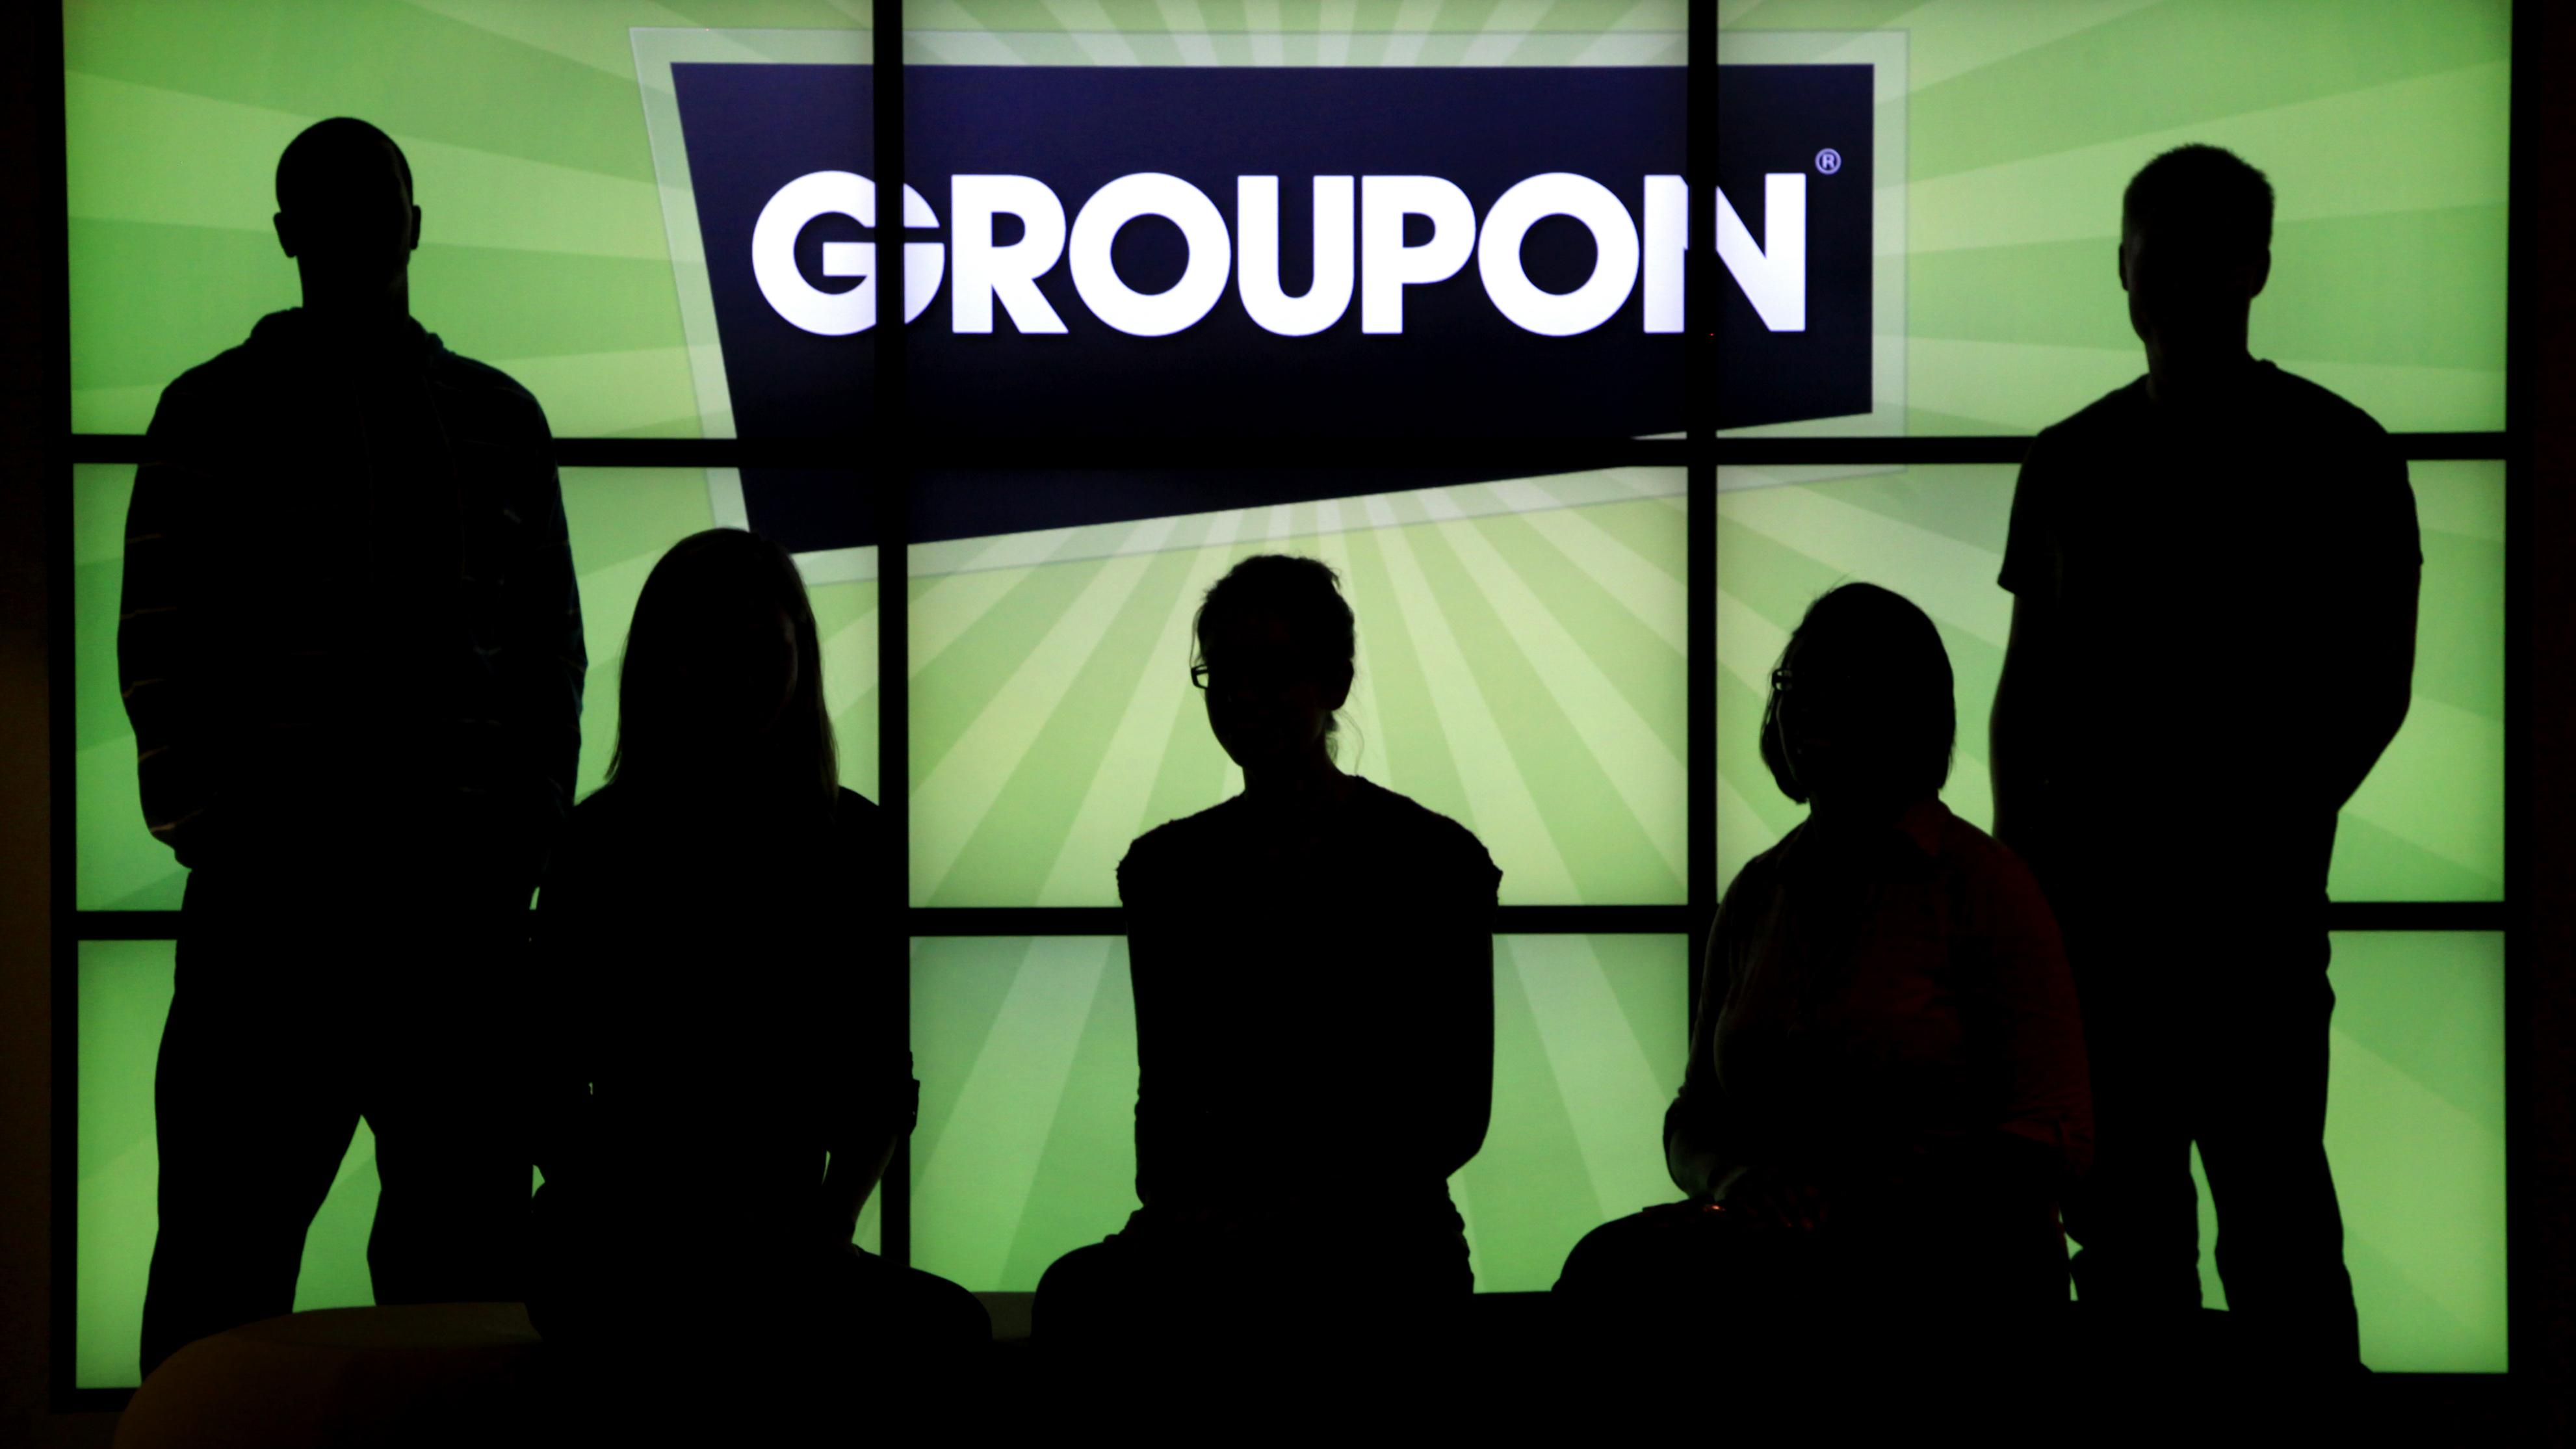 Groupon employees